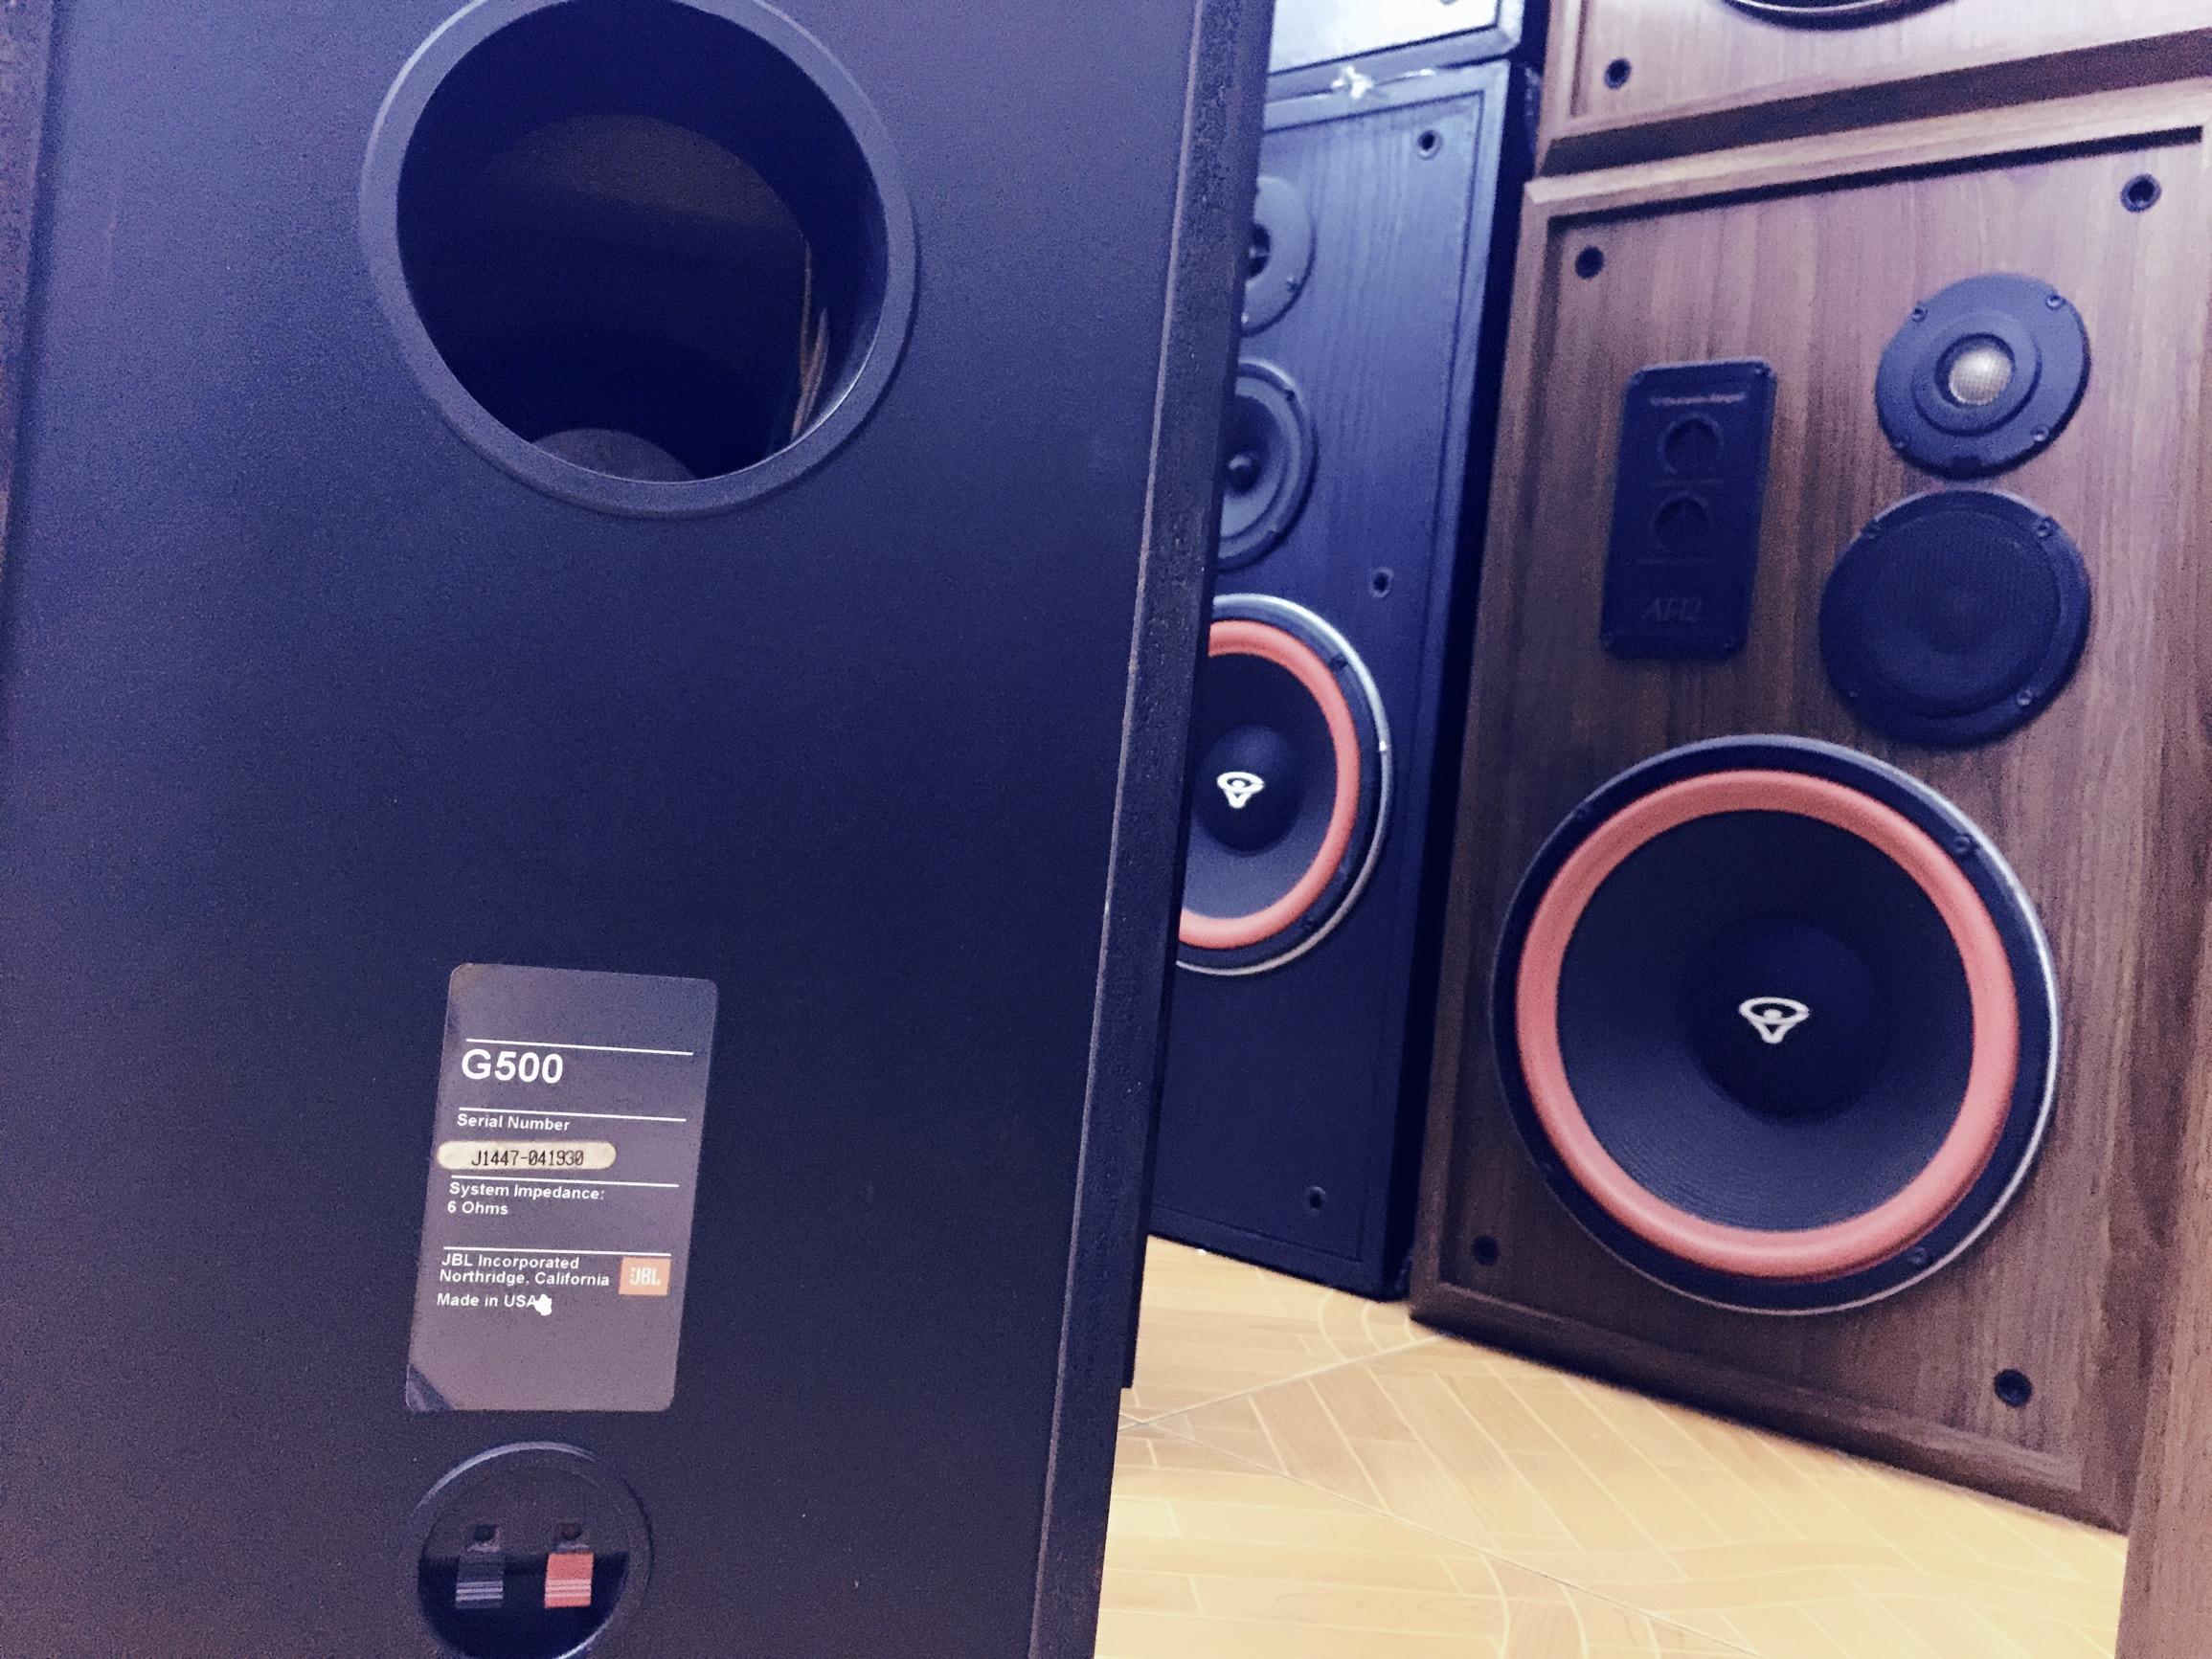 4 Loa JBL G500 2 bass điện uy lực treb tơi nhuyễn